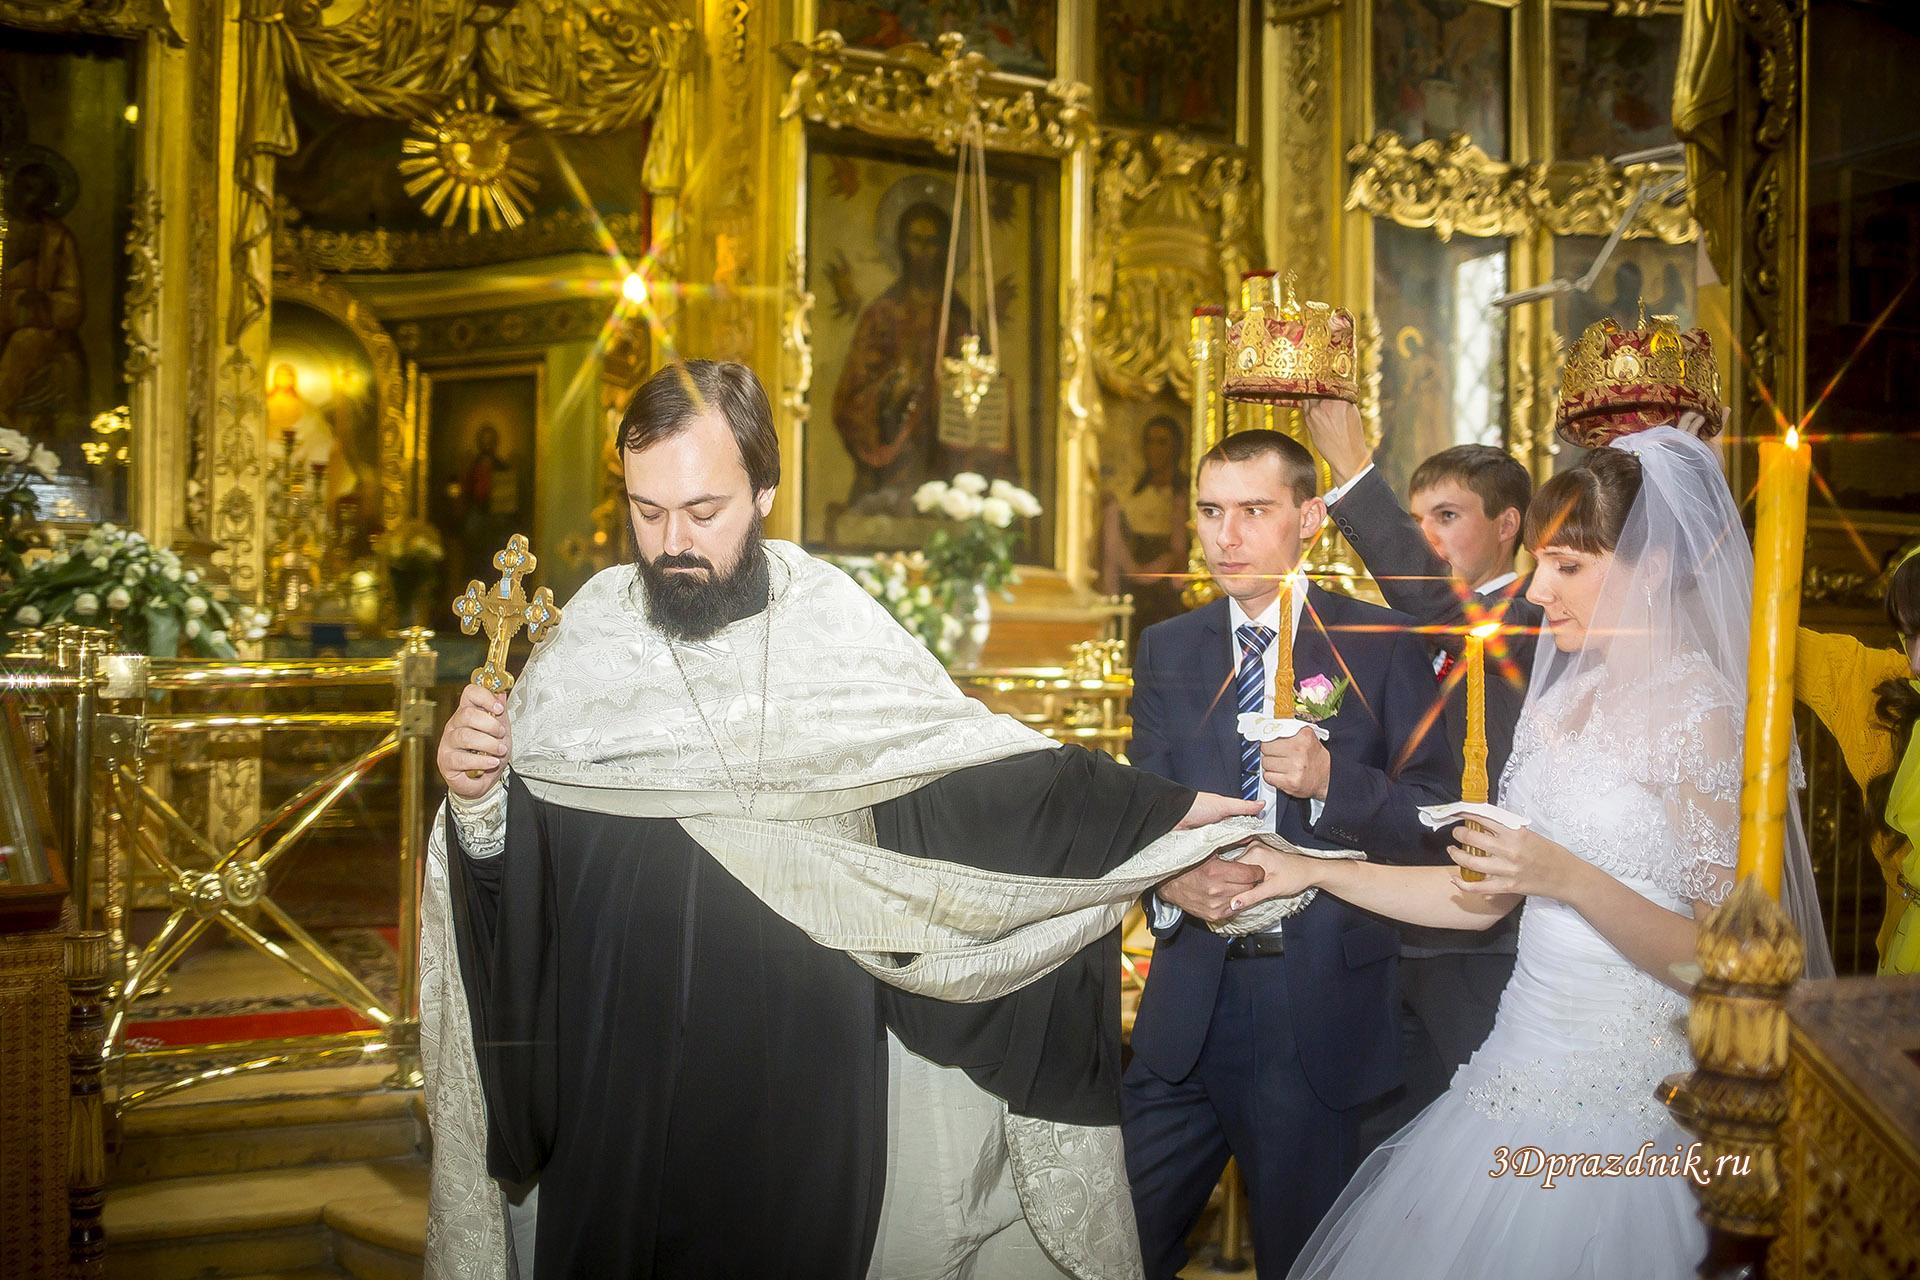 Венчание в день свадьбы.